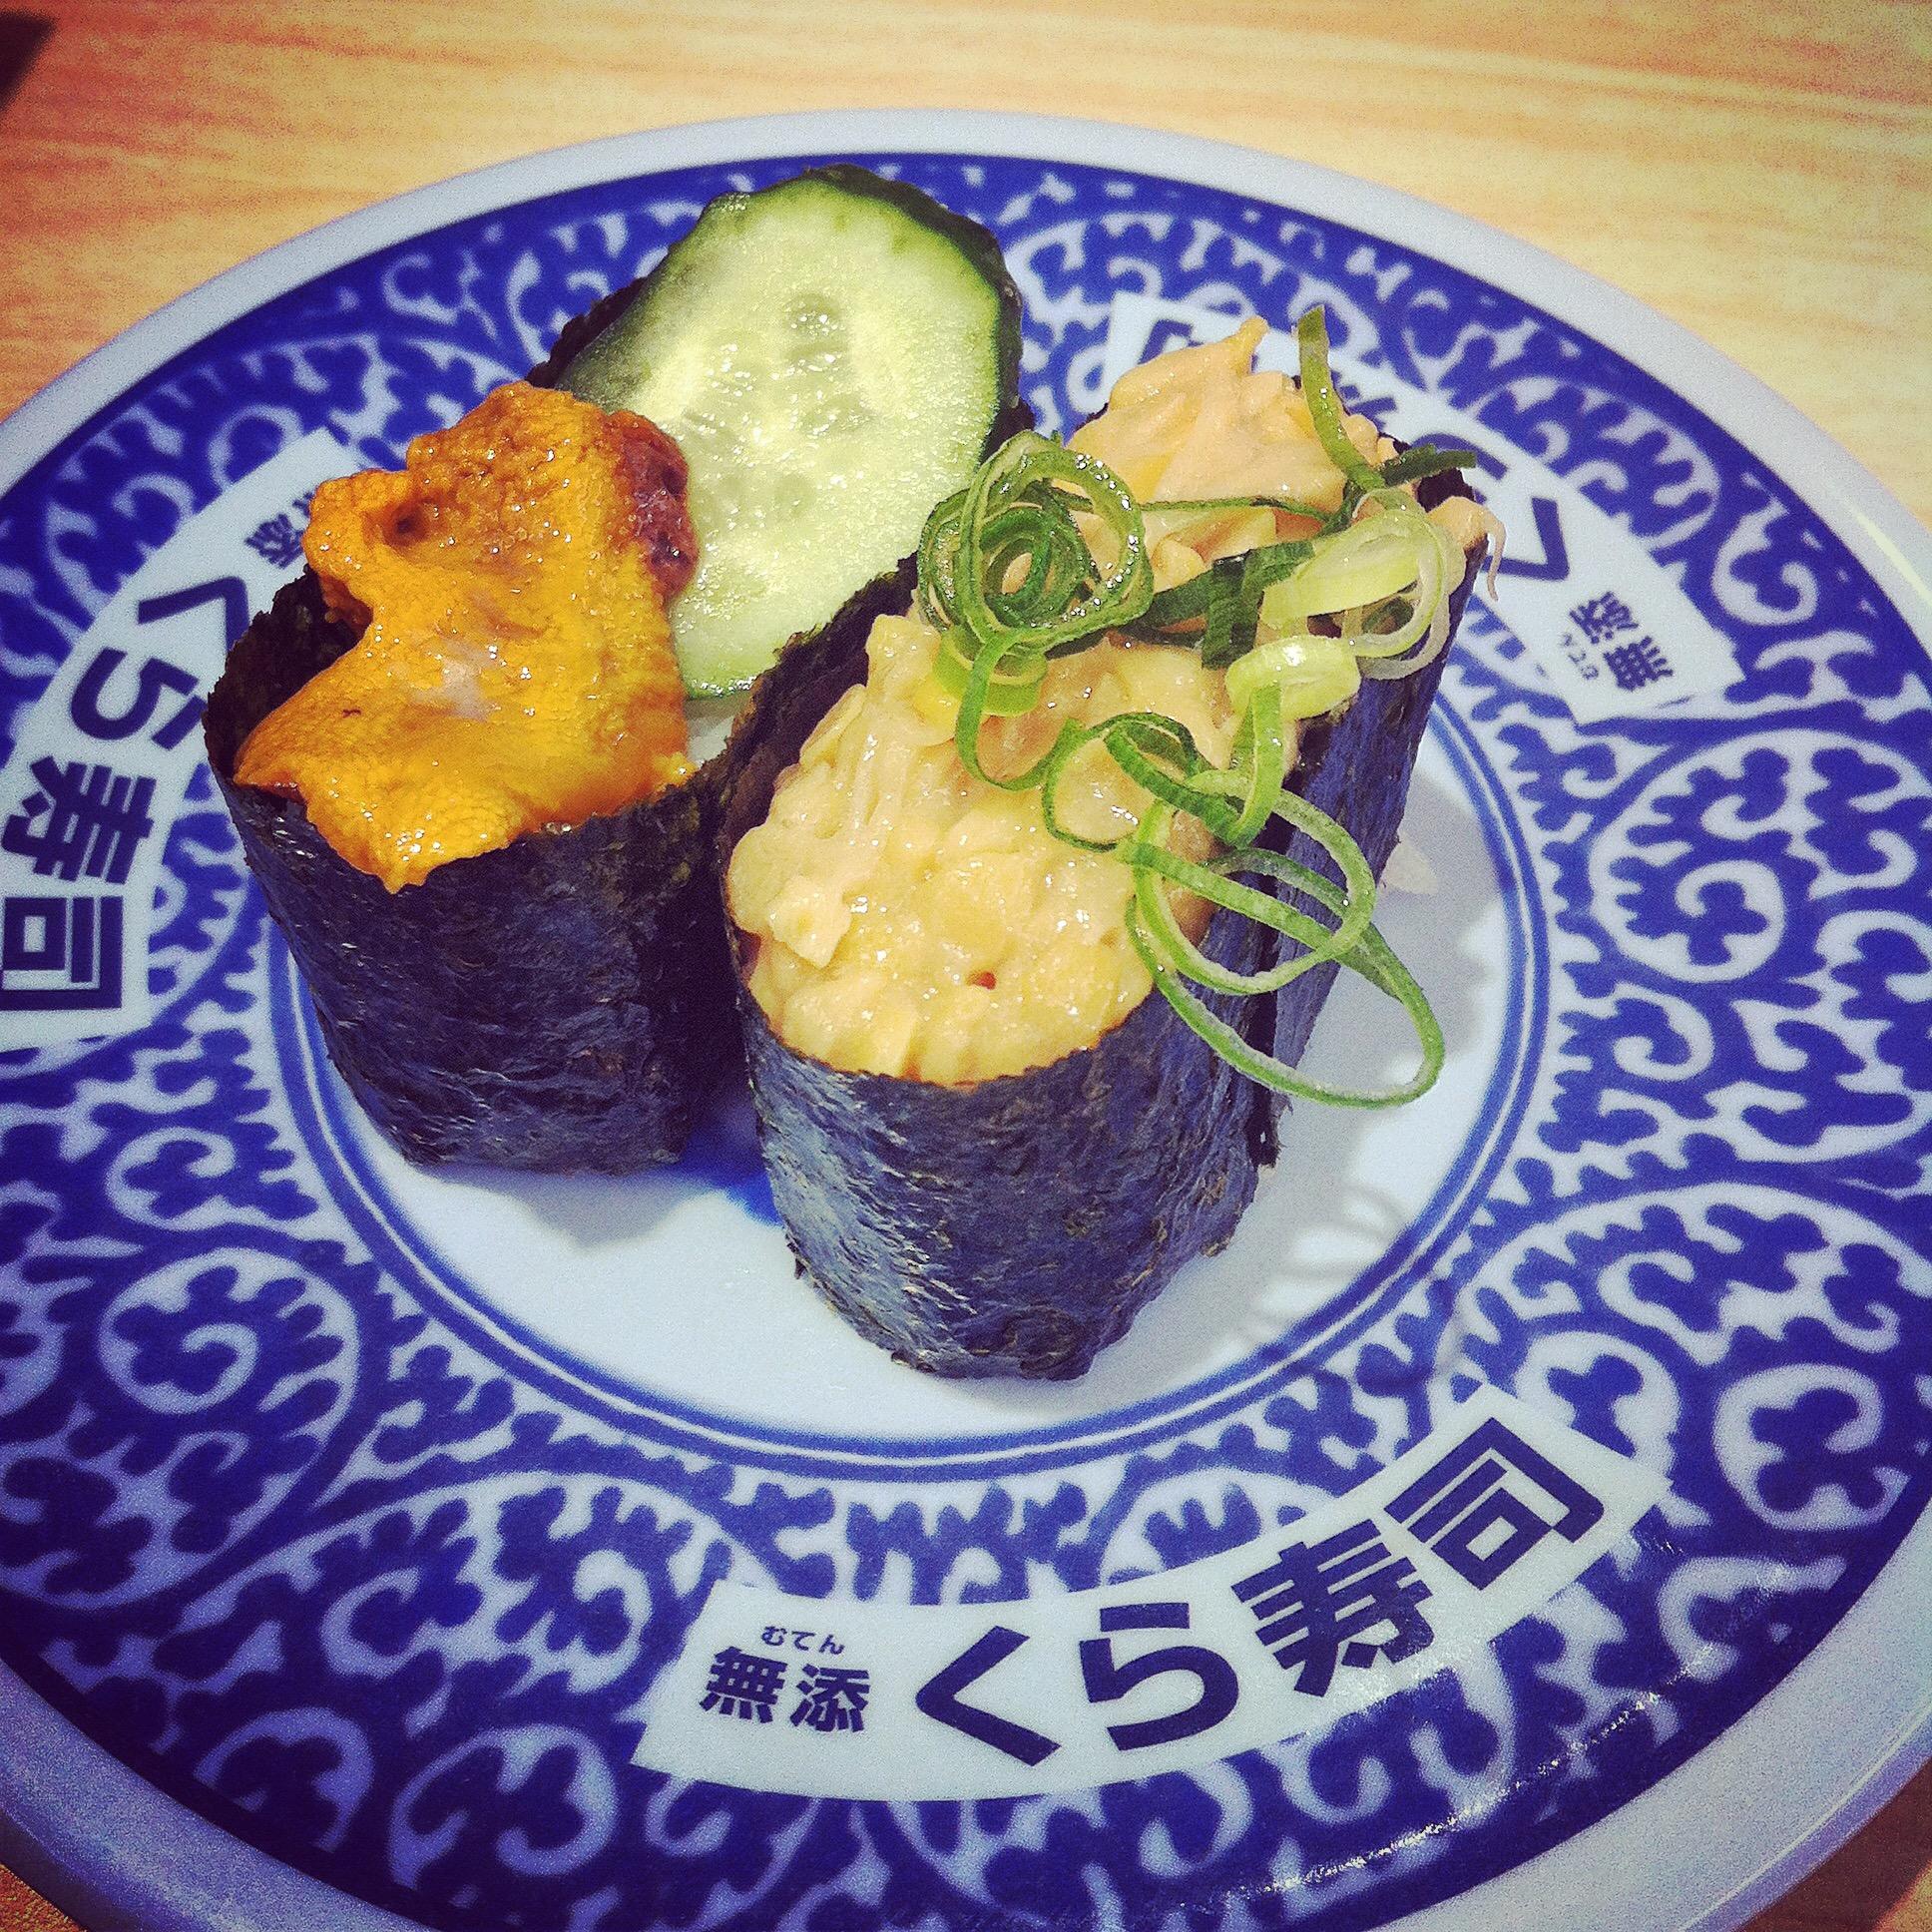 Unagi & Natto Sushi